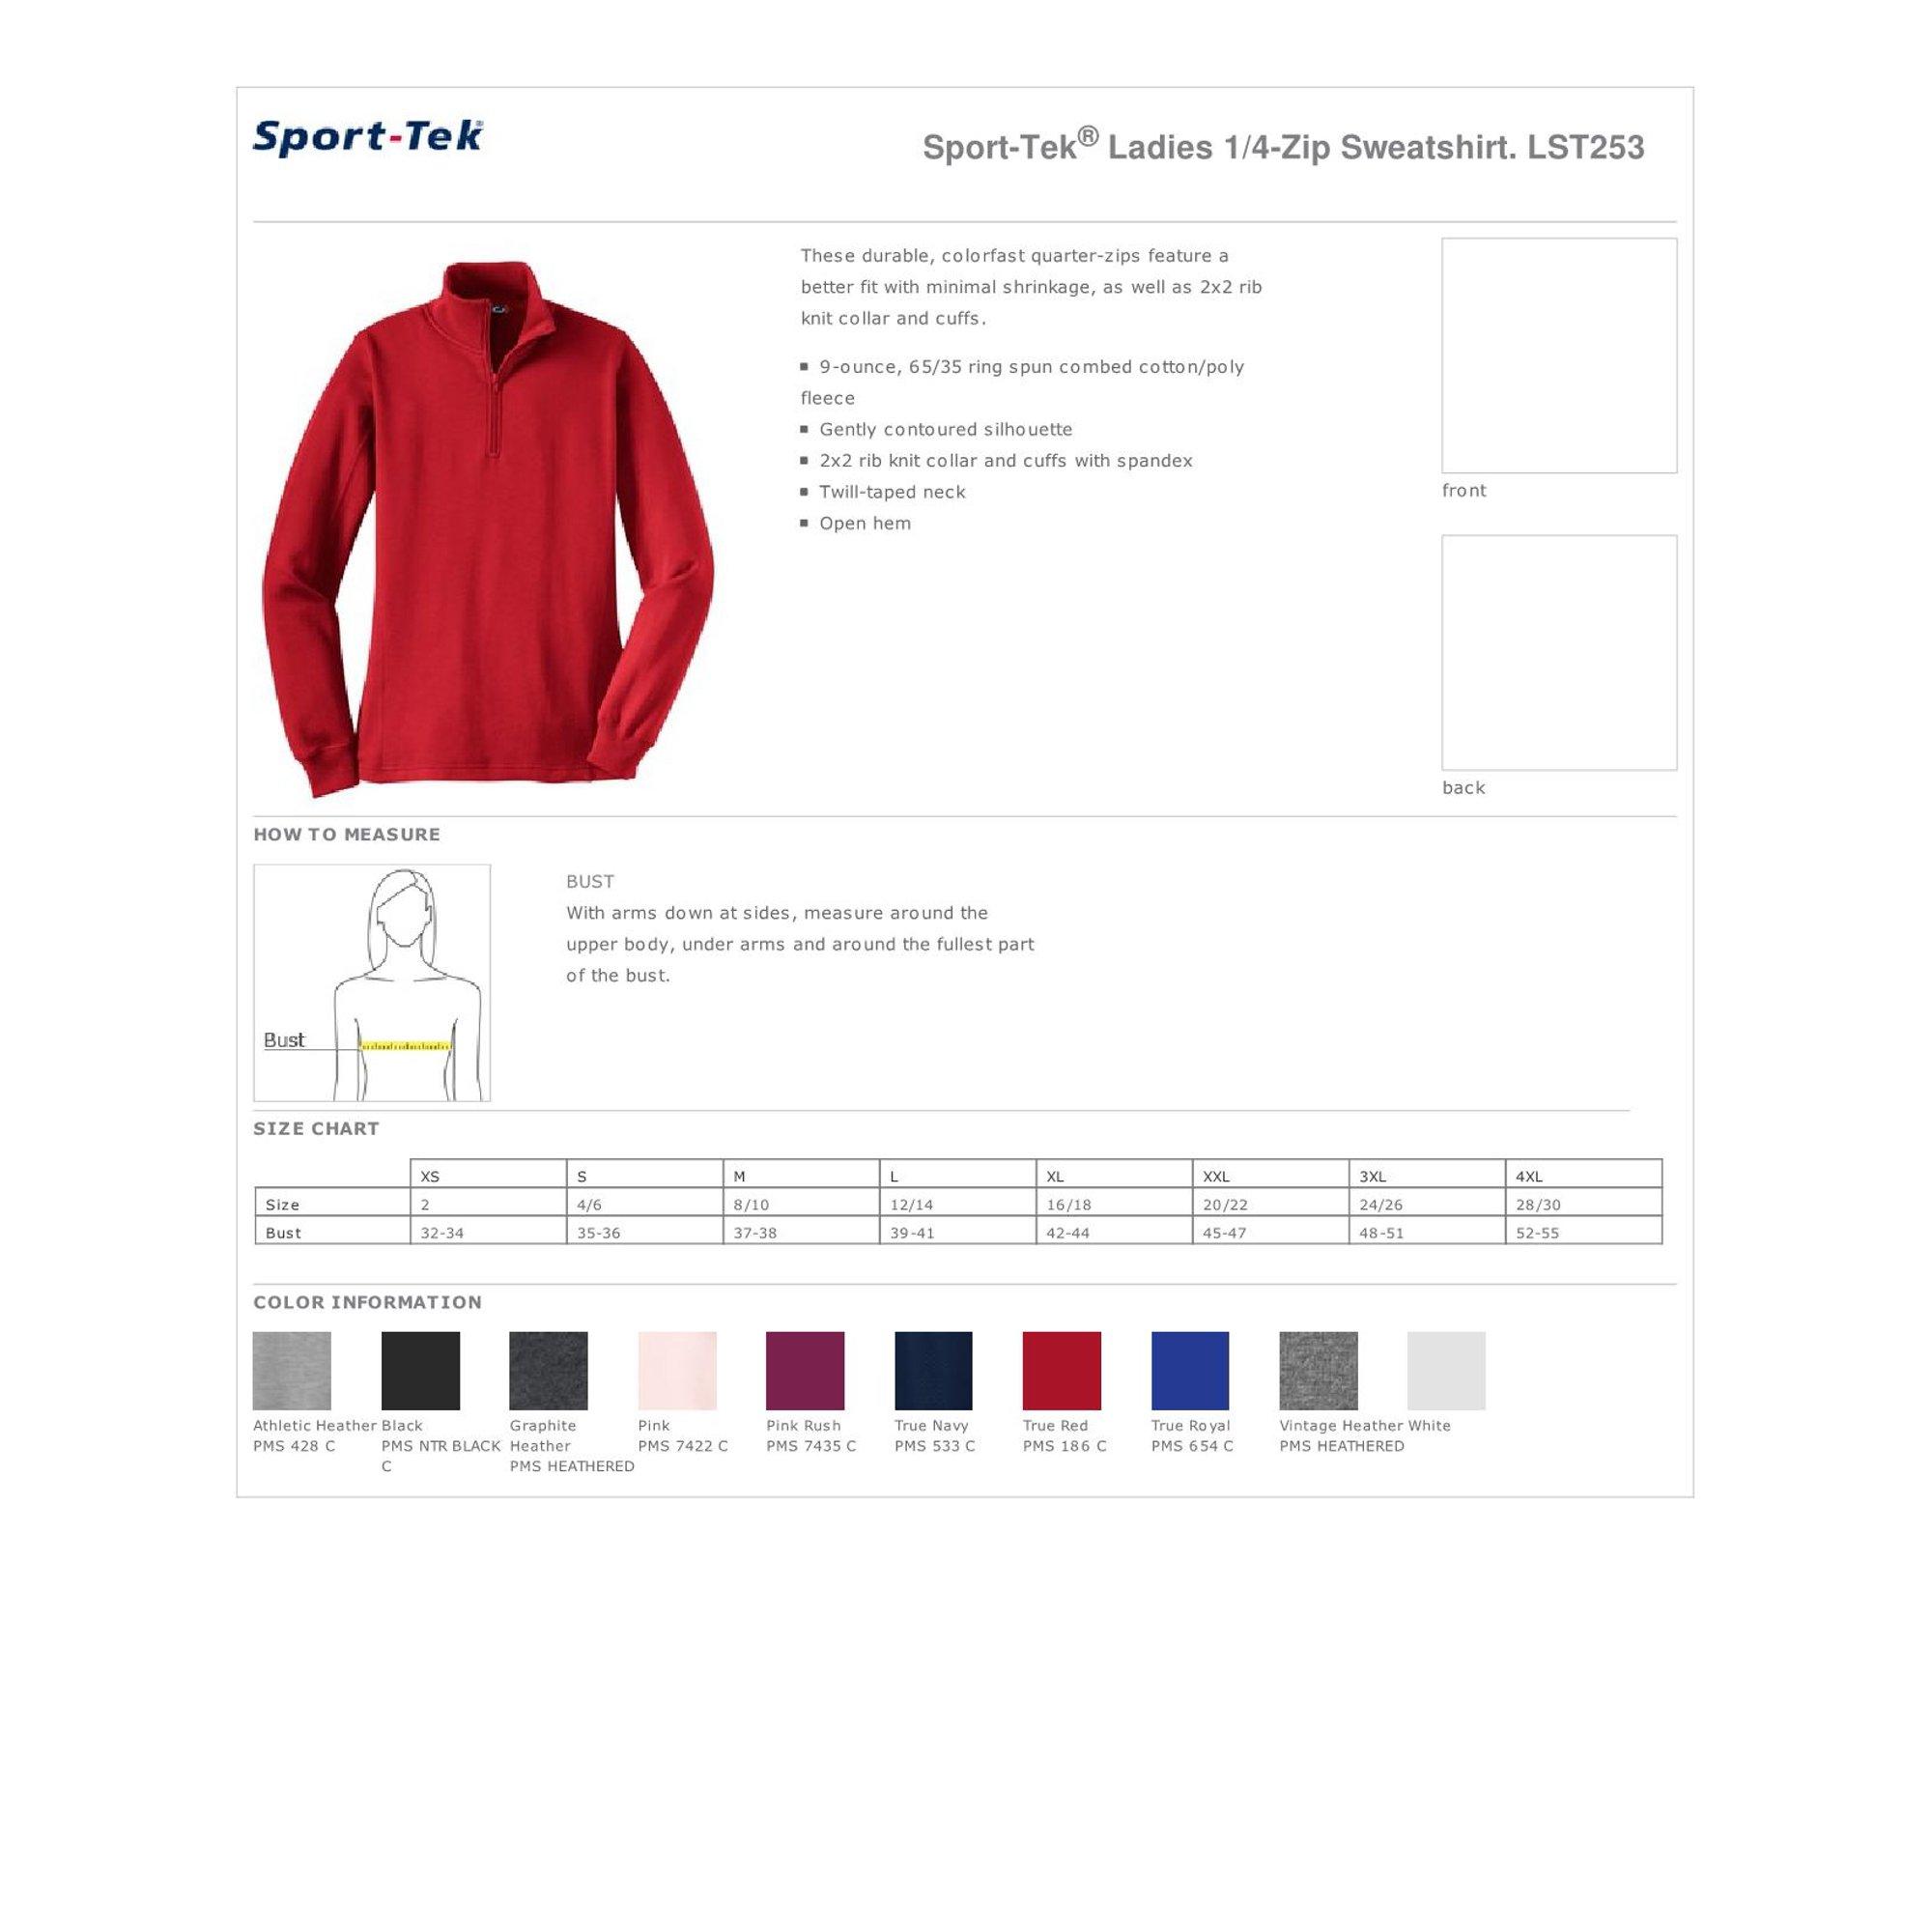 Sport Tek Sport Tek Lst253 Ladies 1 4 Zip Sweatshirt Pink Rush Xl Walmart Com Walmart Com Lst253 and other active sweatshirts at amazon.com. walmart